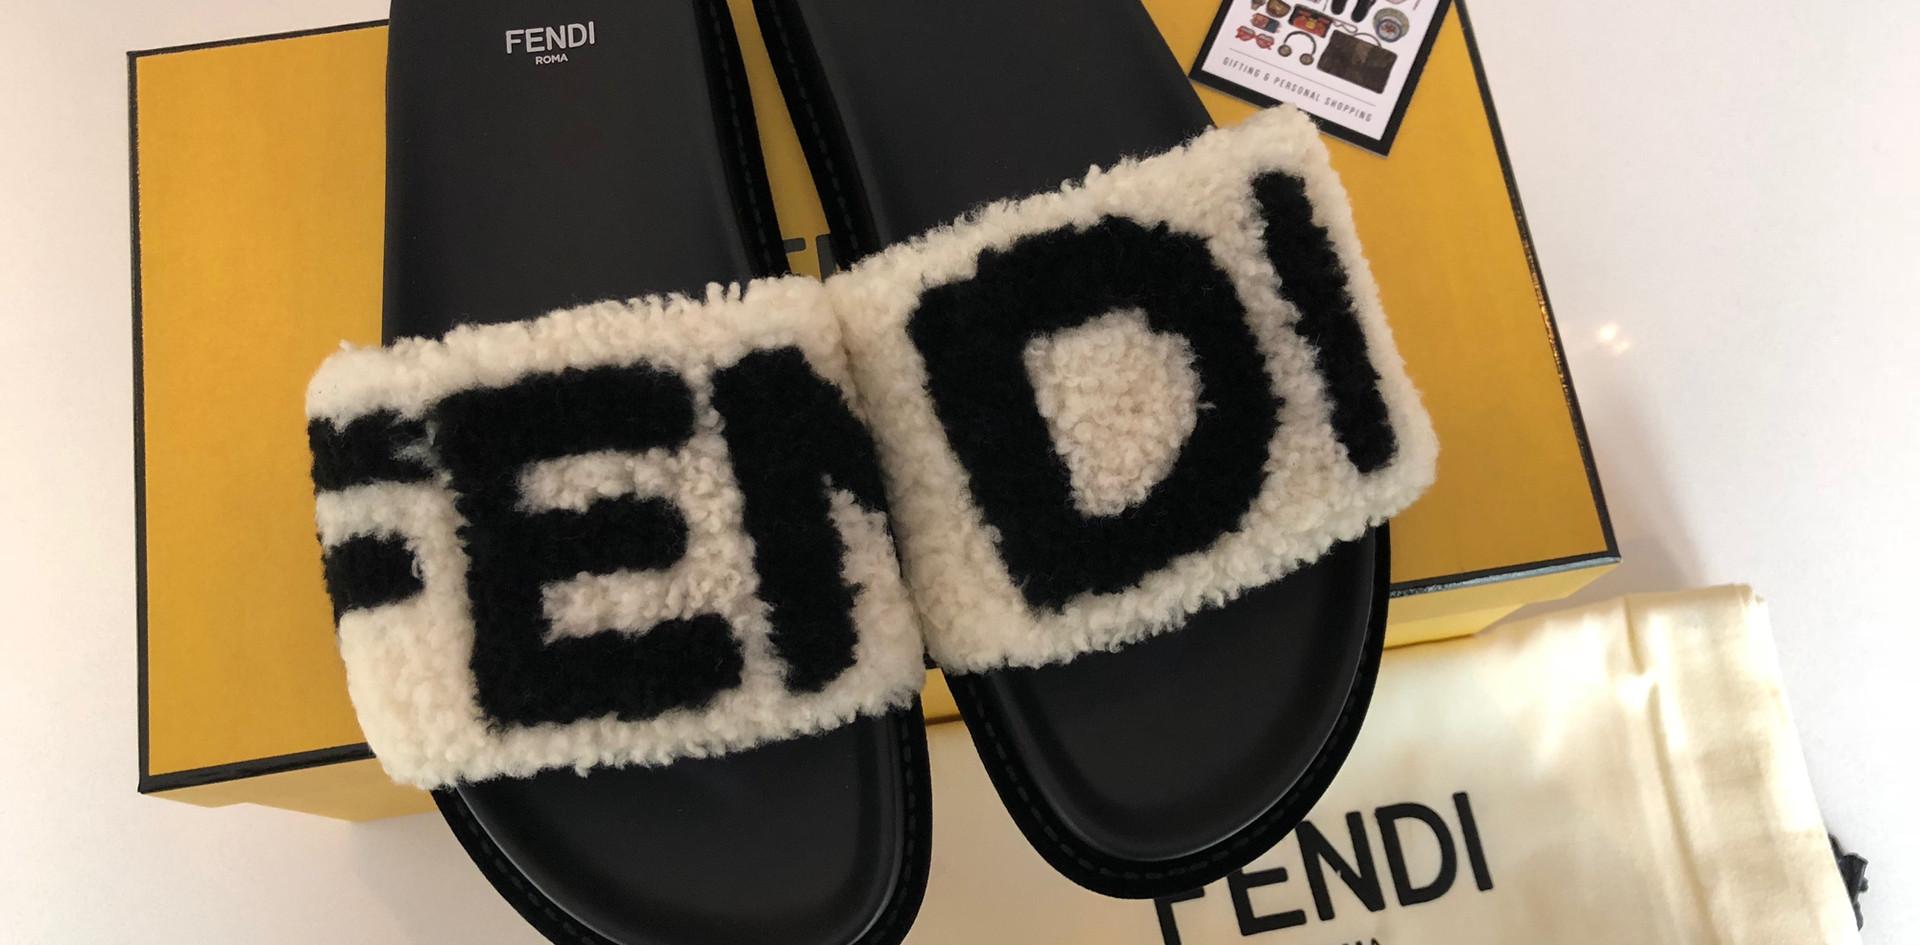 Fendi Sliders